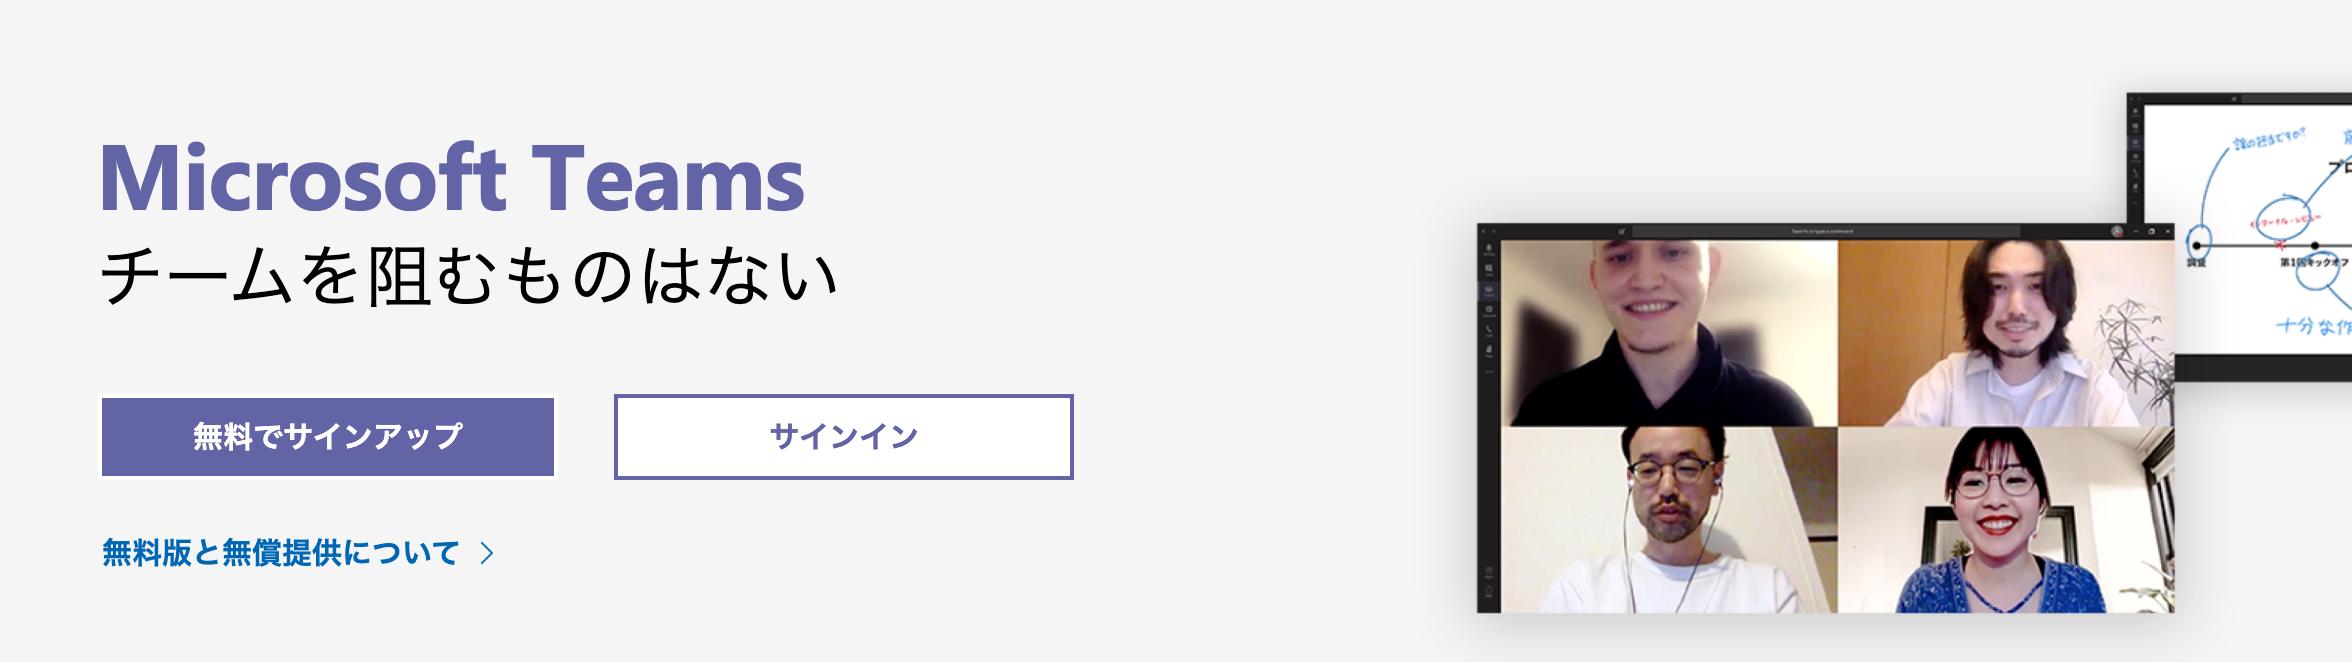 スクリーンショット 2020-07-12 16.04.41